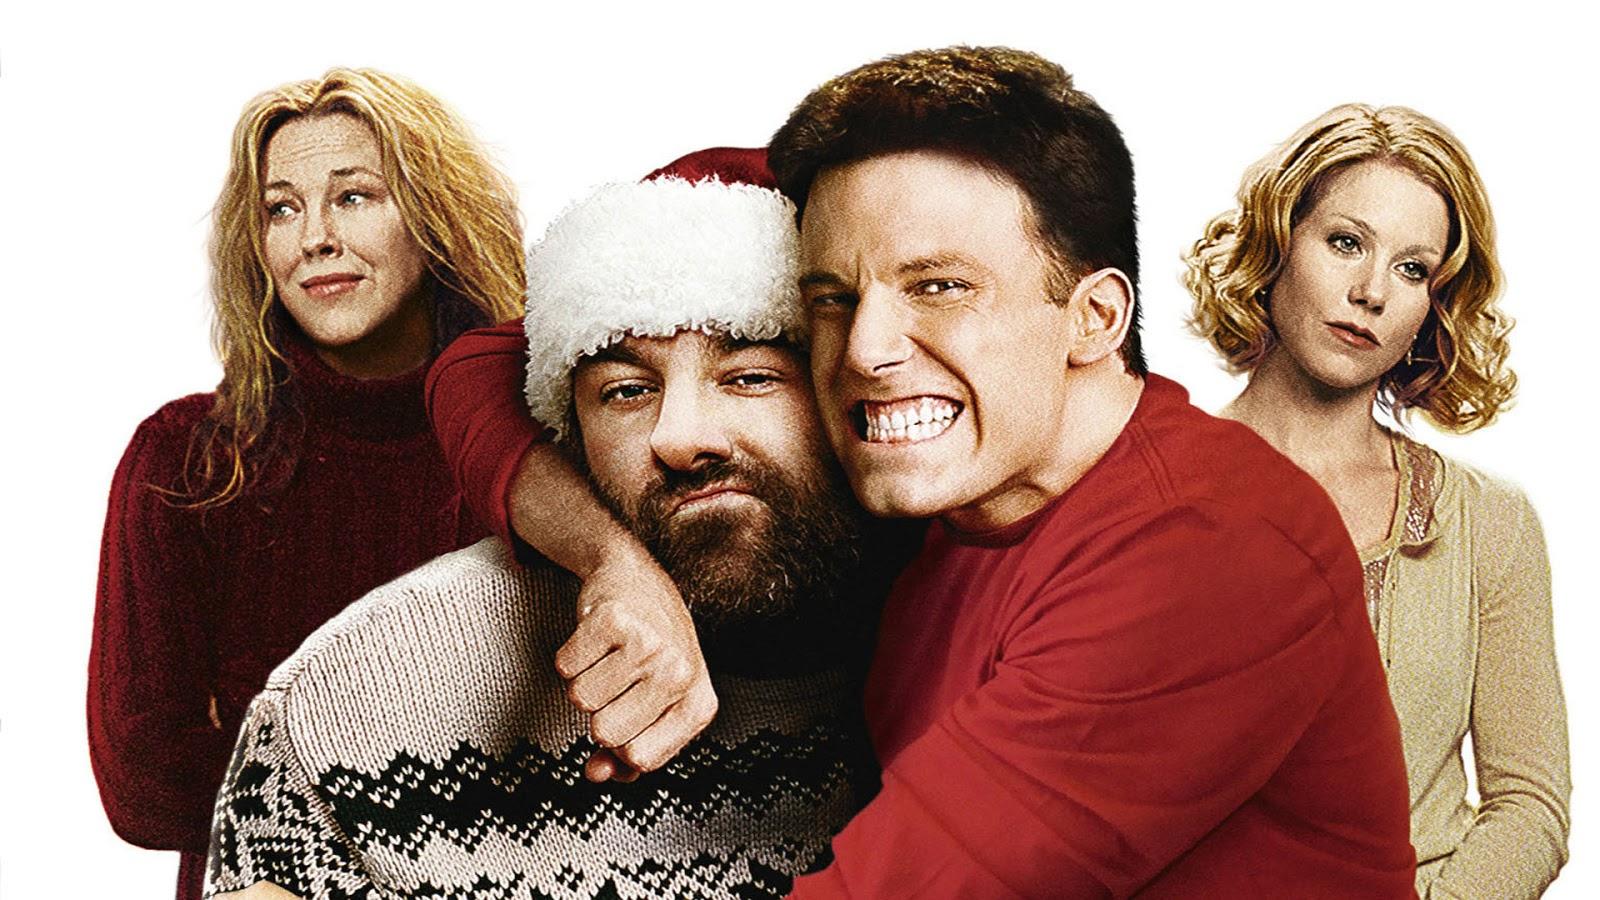 http://4.bp.blogspot.com/-Et5C6AVEyFc/UOH6B5jgFhI/AAAAAAAAD5M/QDqQ4Am0Zak/s1600/surviving-christmas-original.jpg